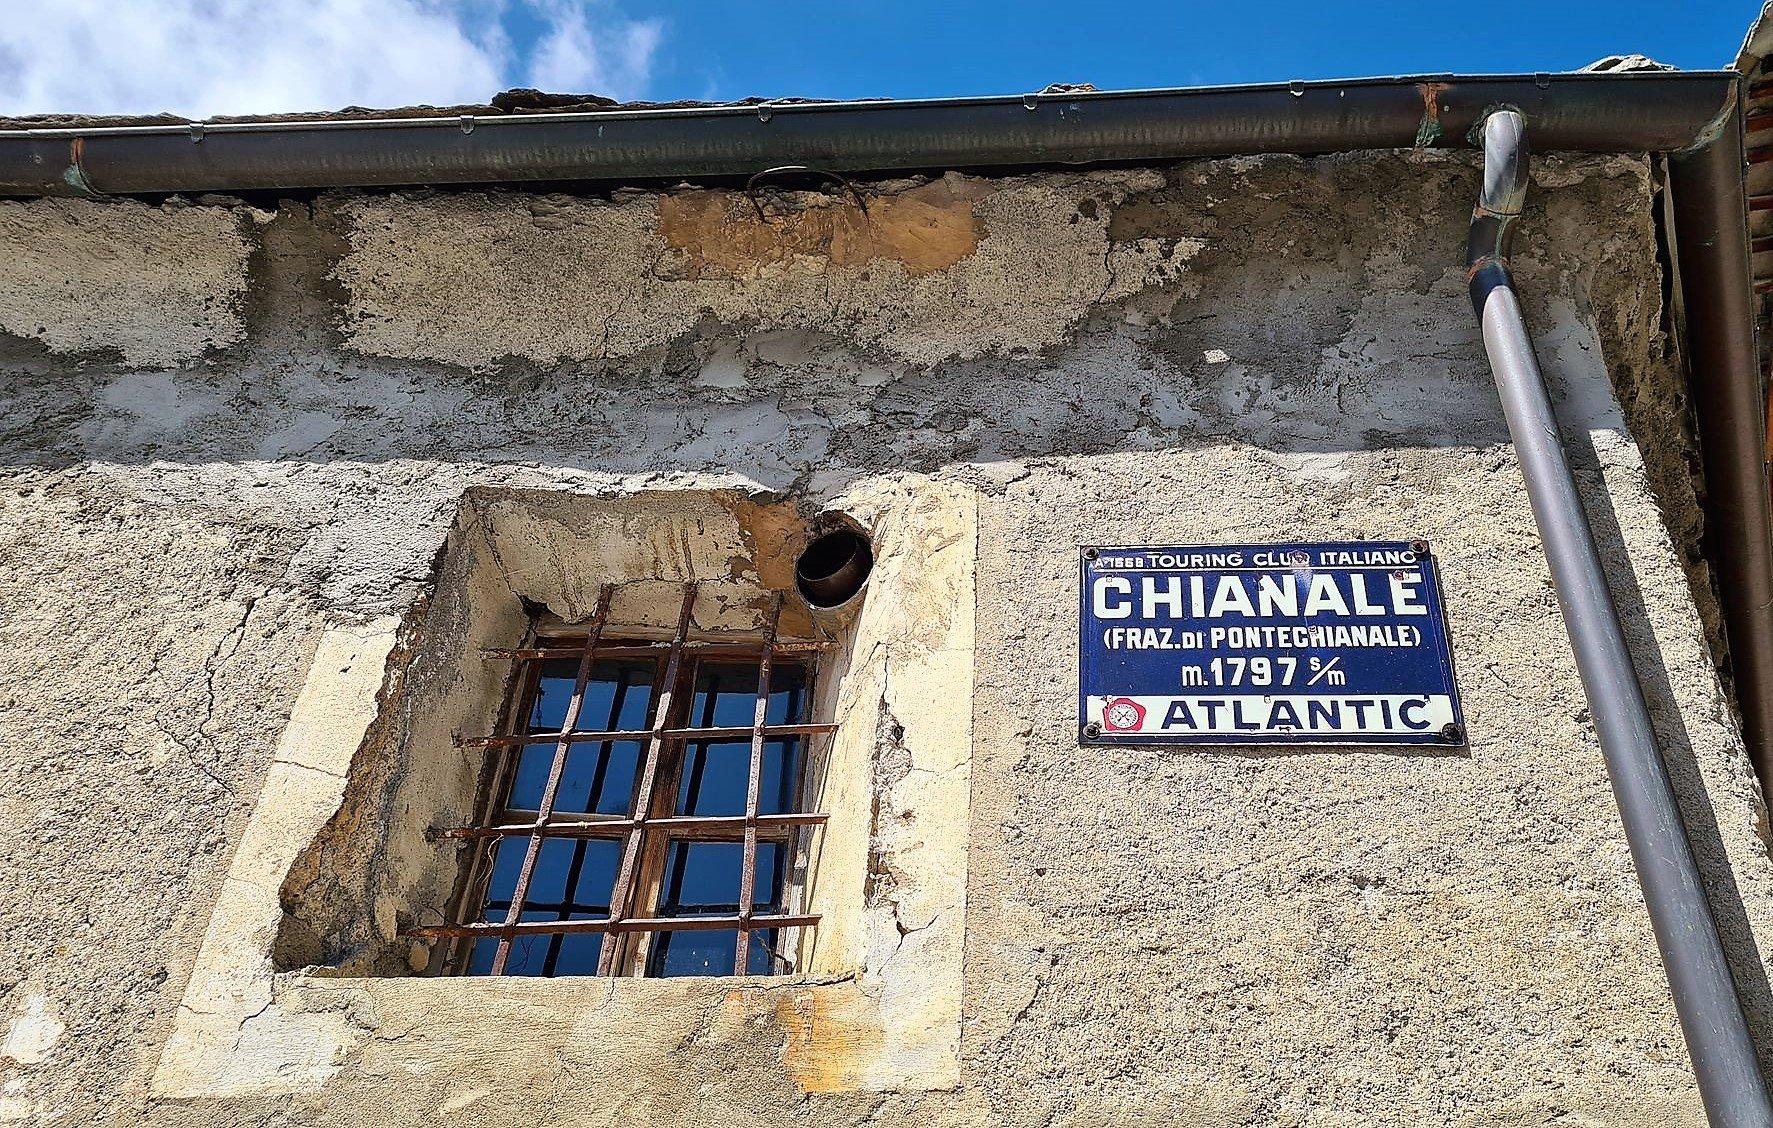 Cosa occorre sapere per visitare Chianale in Piemonte